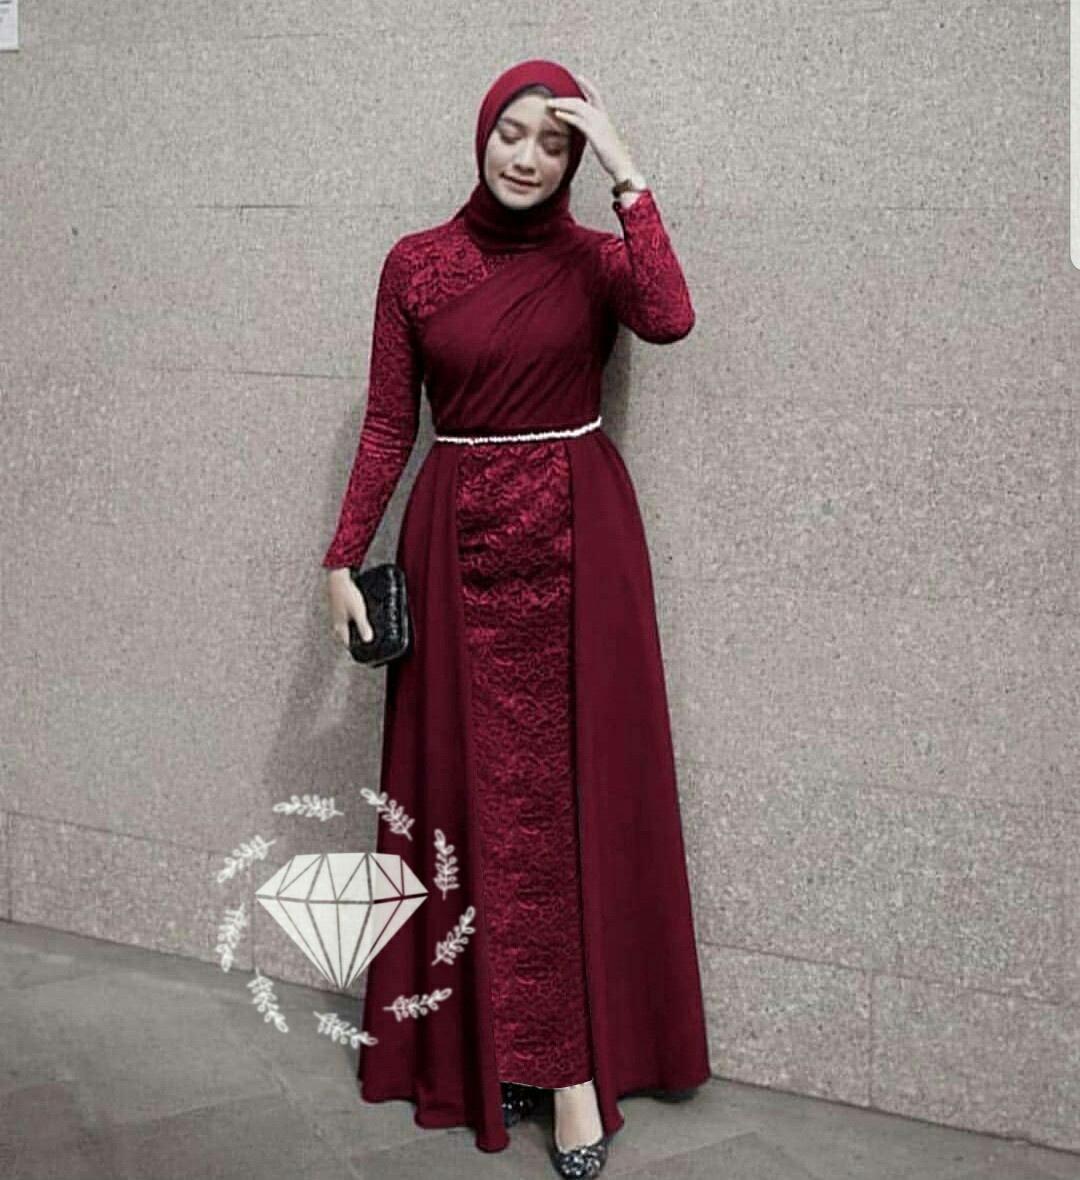 Gamis Brokat Wanita Terbaru Gaun Pesta Brokat Gaun Brukat Wanita Gamis Brukat Wanita Berkualitas Wibisana Store Alg Laksha Lazada Indonesia